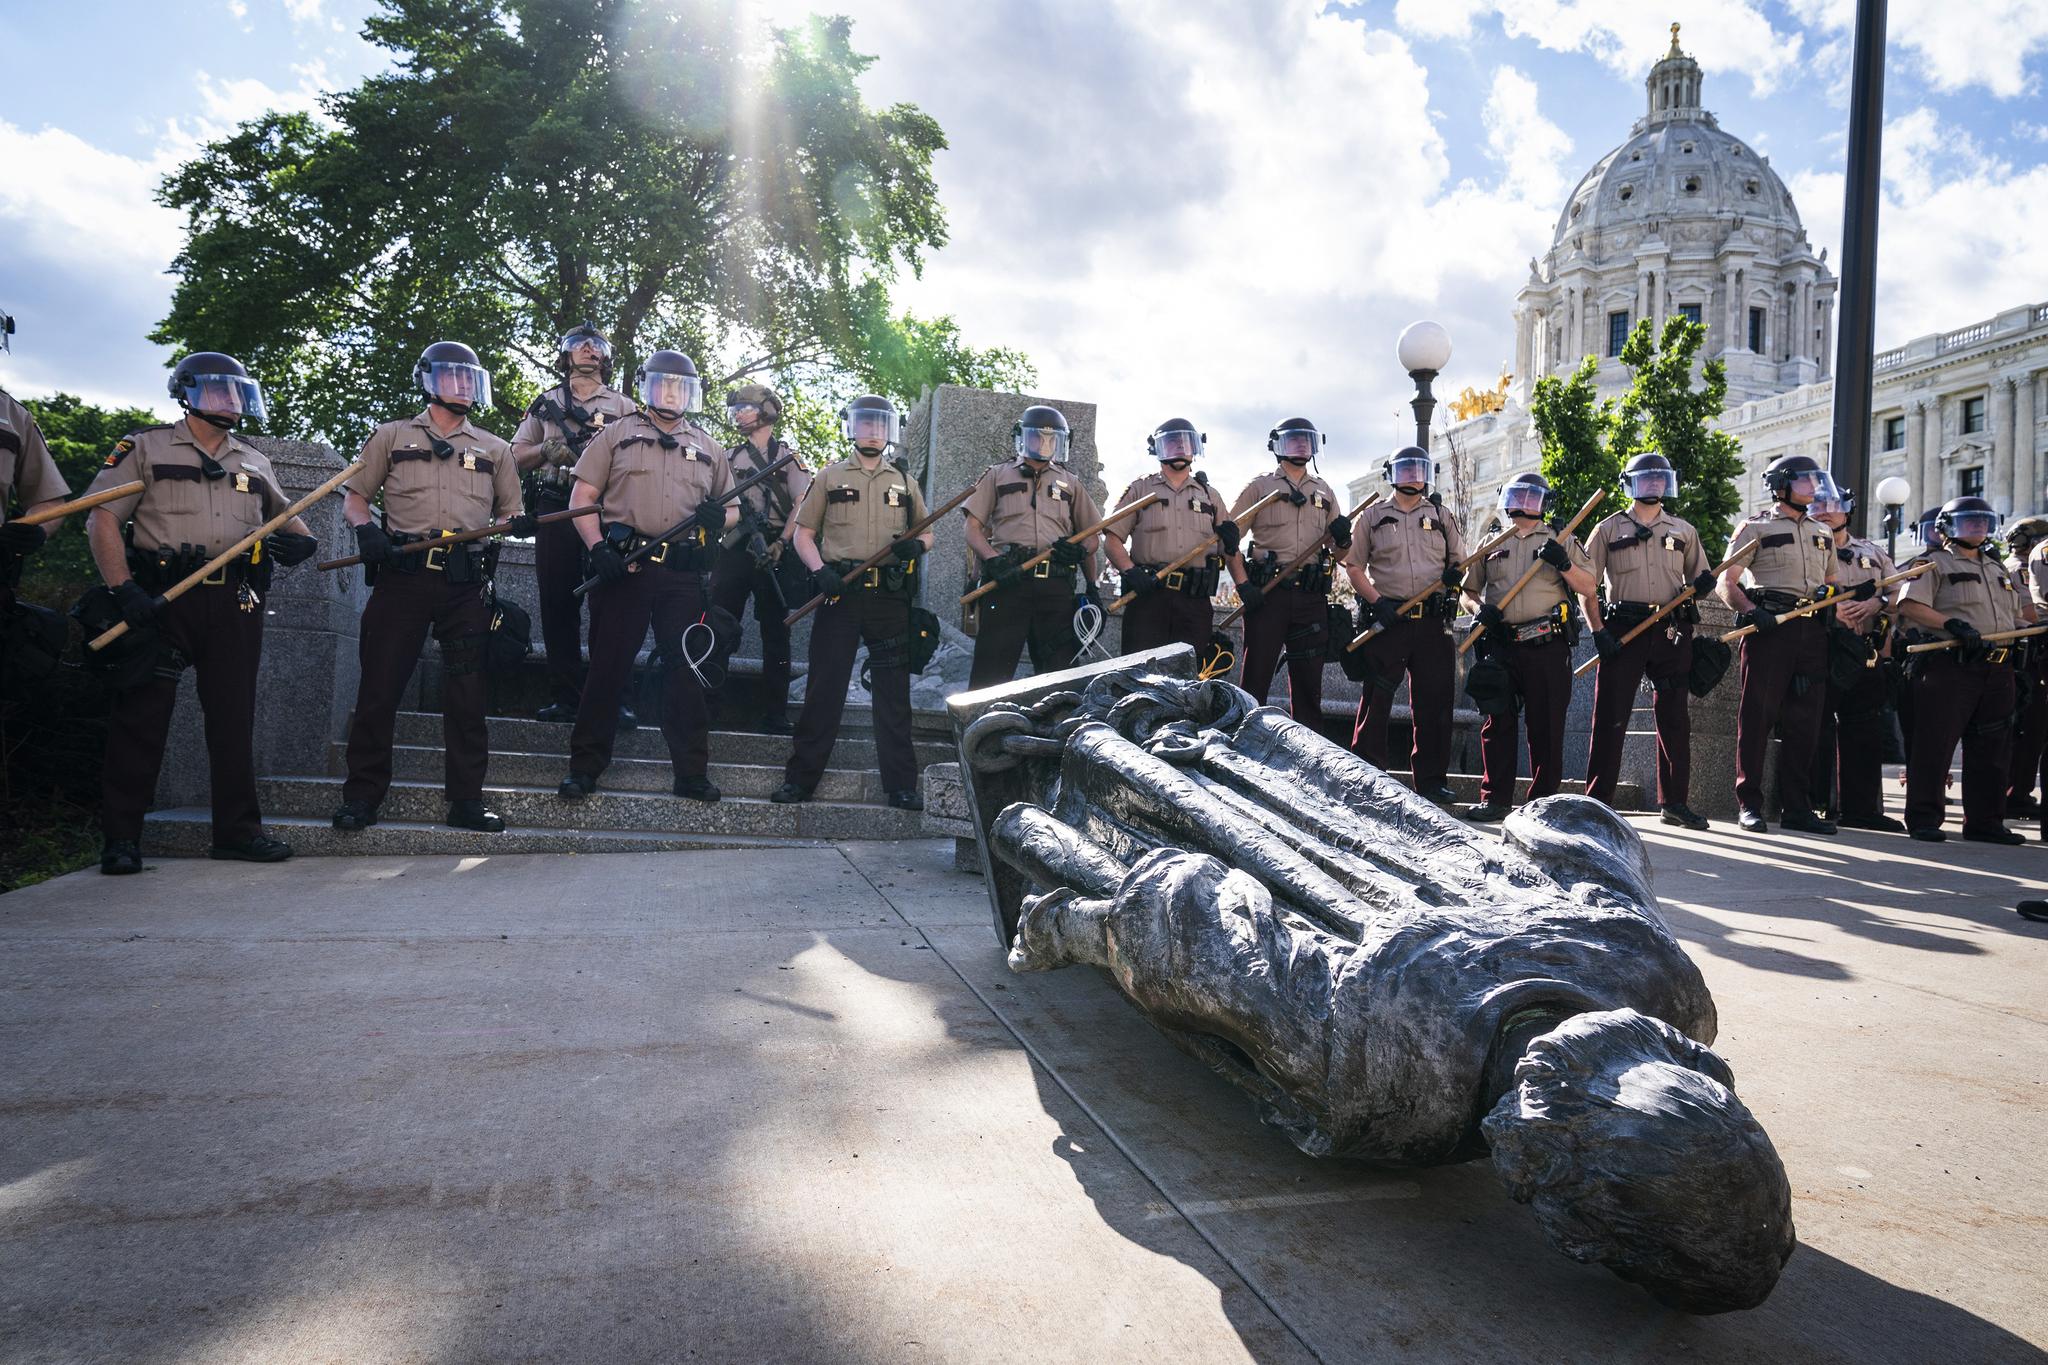 10일(현지시간) 인종차별 반대 시위대가 강제로 끌어내린 크리스토퍼 콜럼버스 동상 뒤로 미네소타주 경찰관들이 줄지어 서 있다. AP=연합뉴스